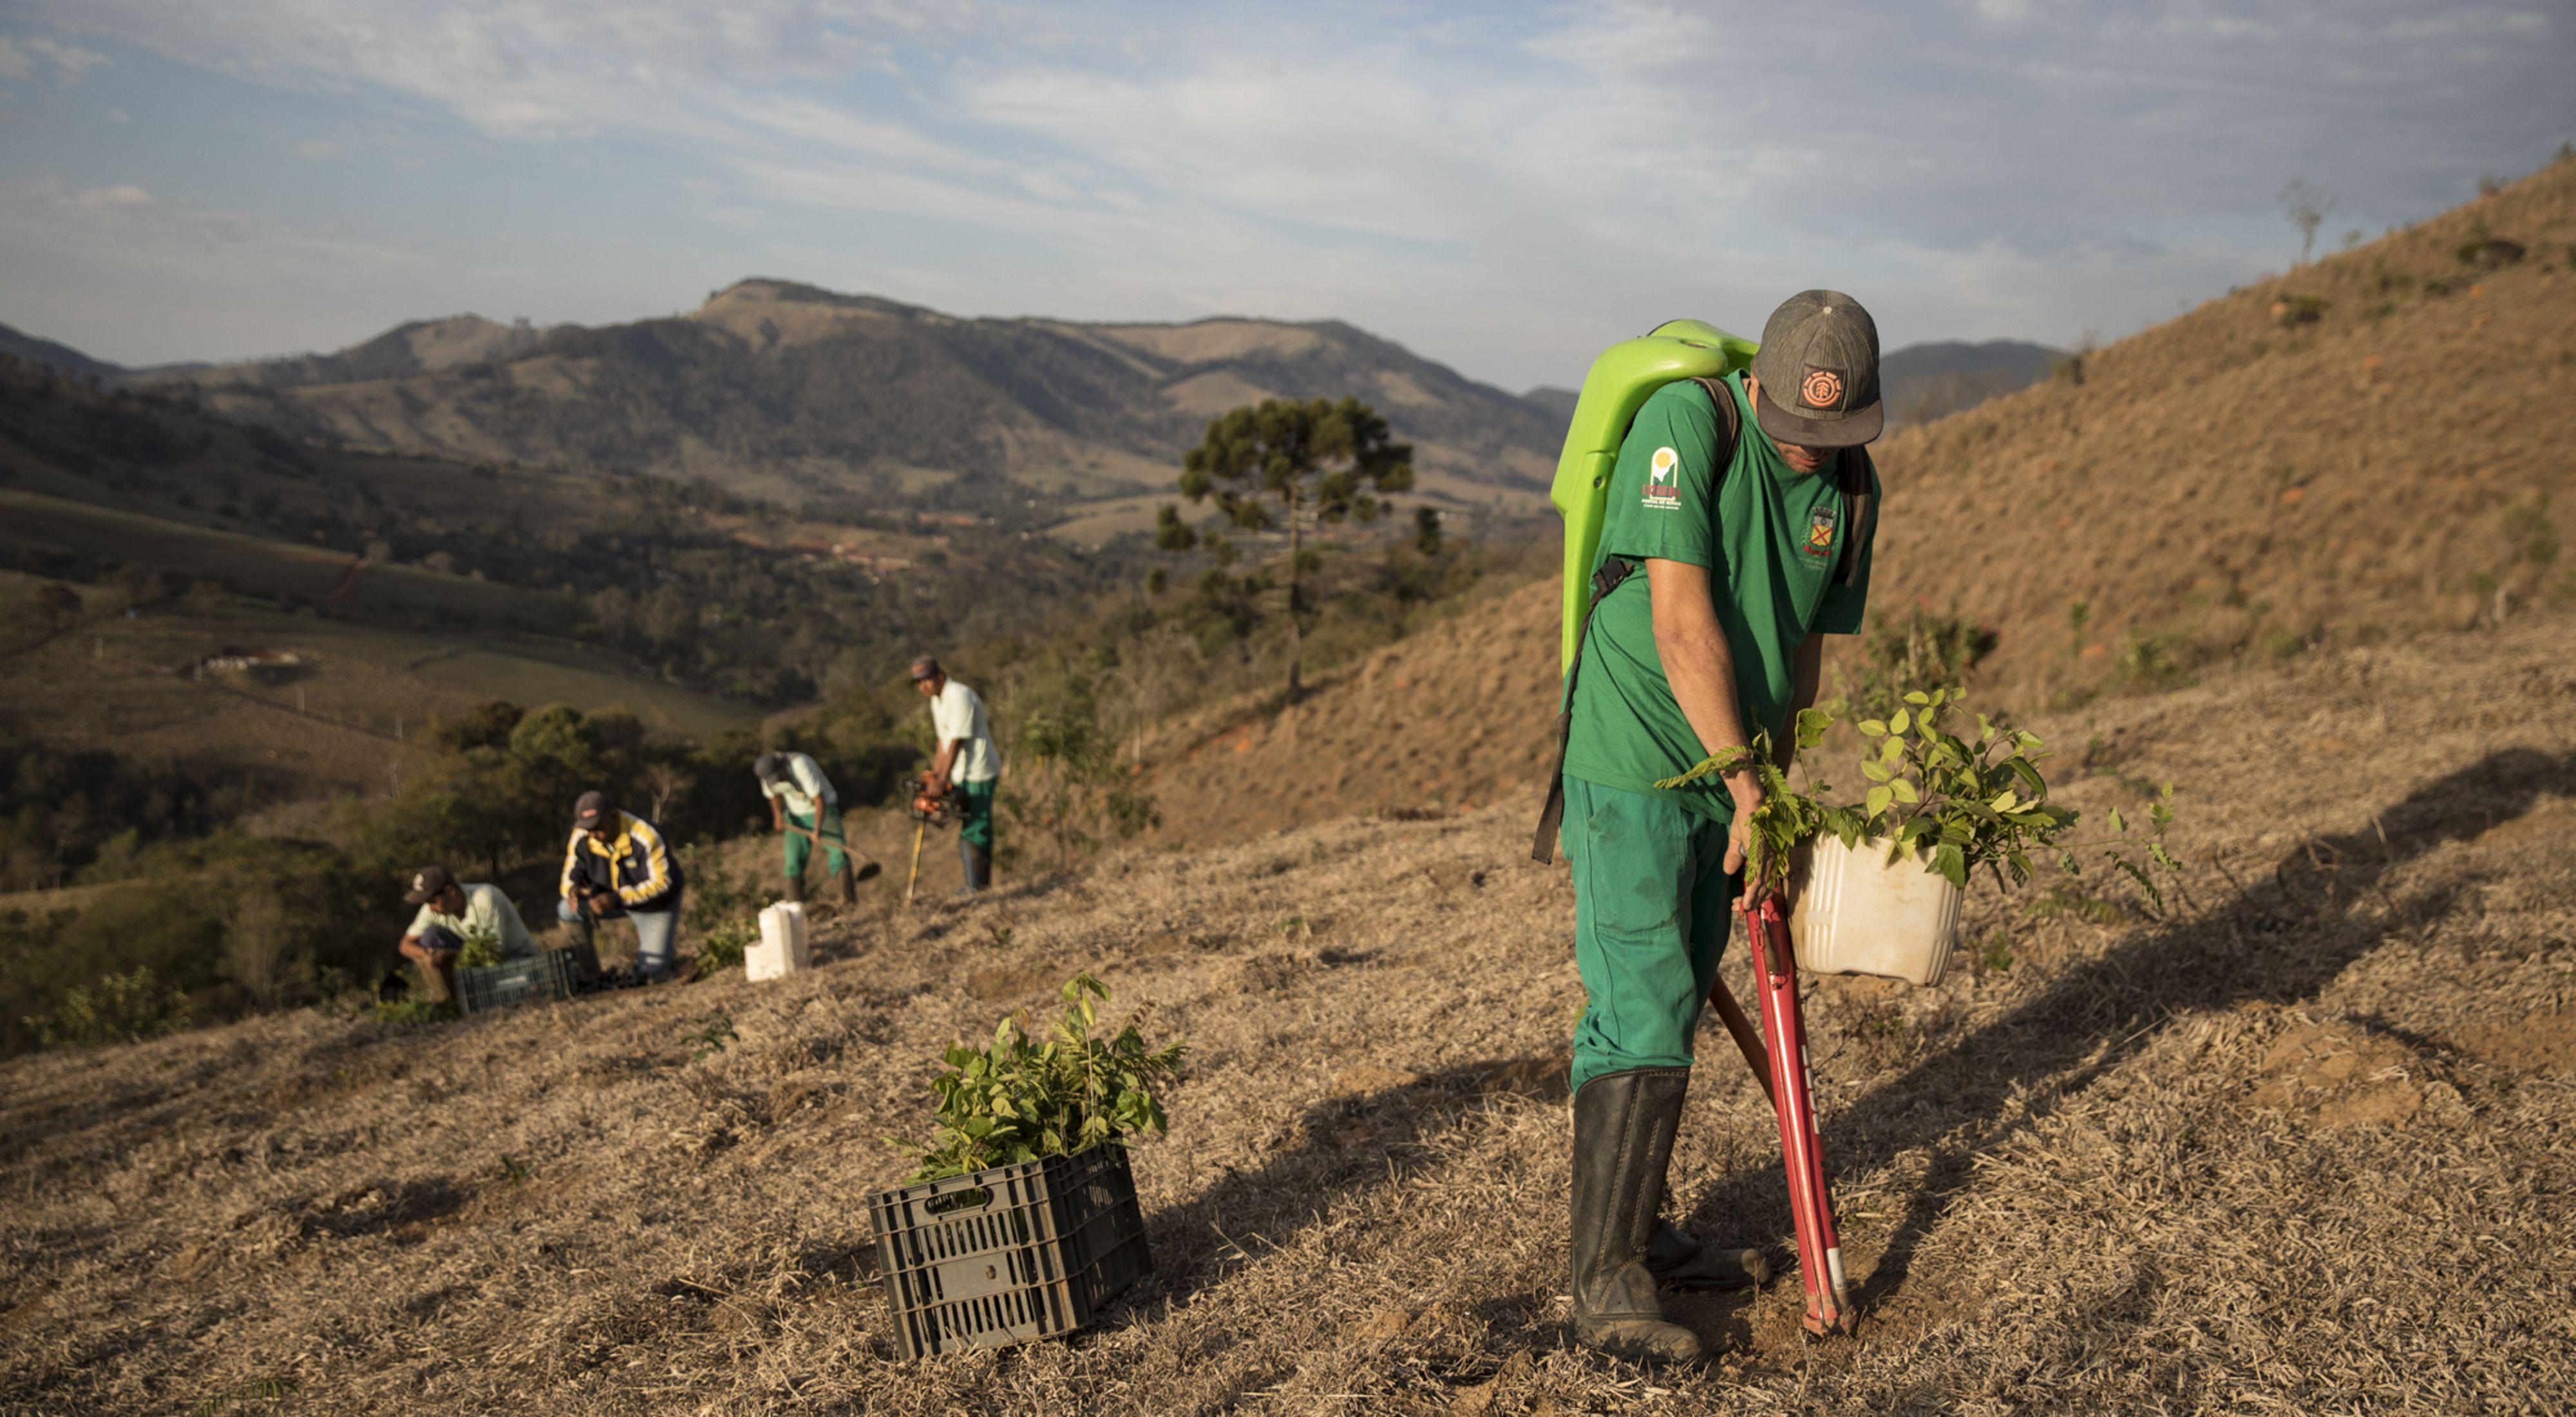 Equipe do projeto Conservador das Águas, da prefeitura de Extrema-MG, em atividade de restauração em plantio total, plantando em média mais de mil mudas por dia.